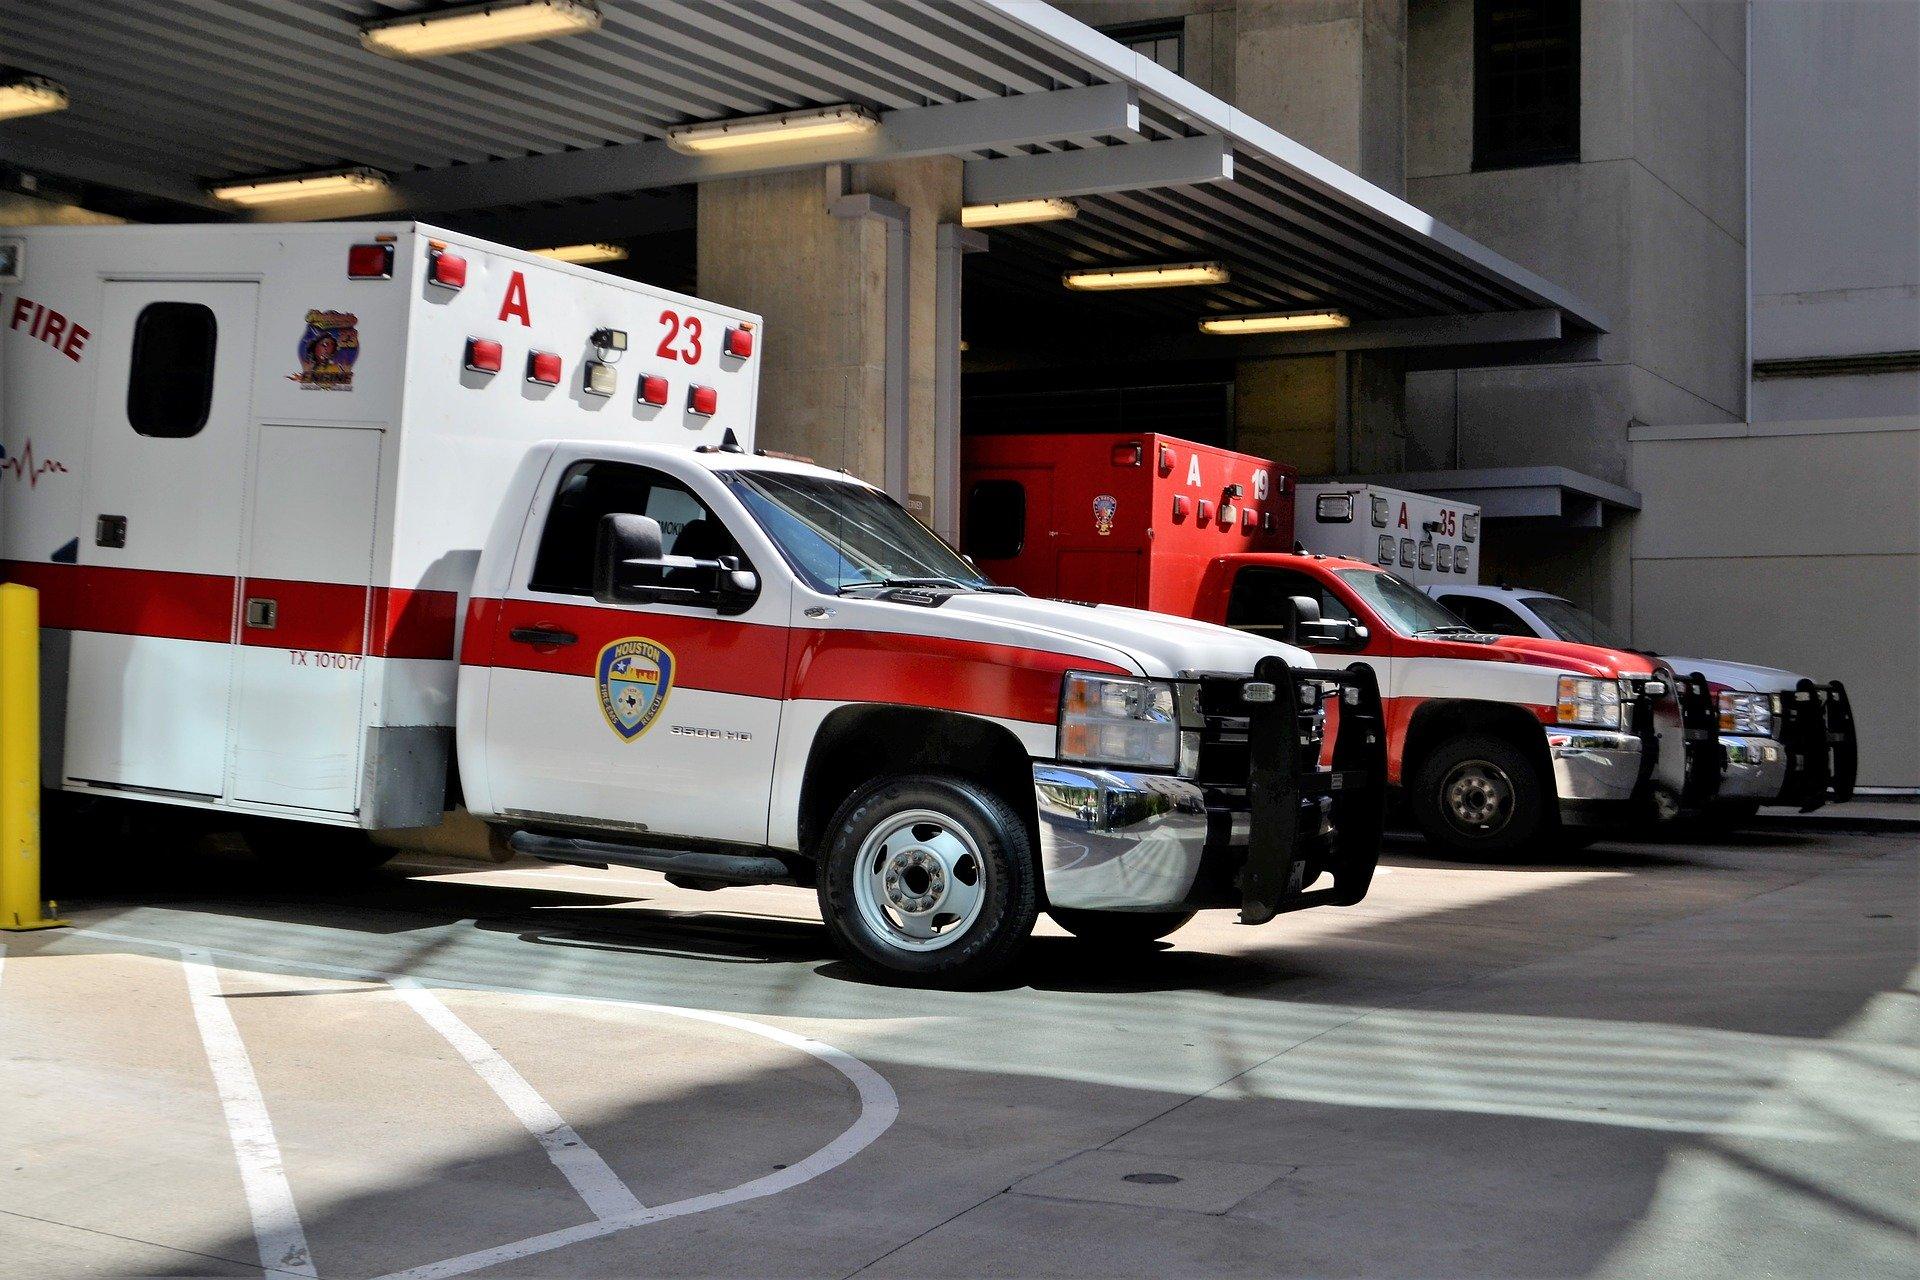 A row of ambulances